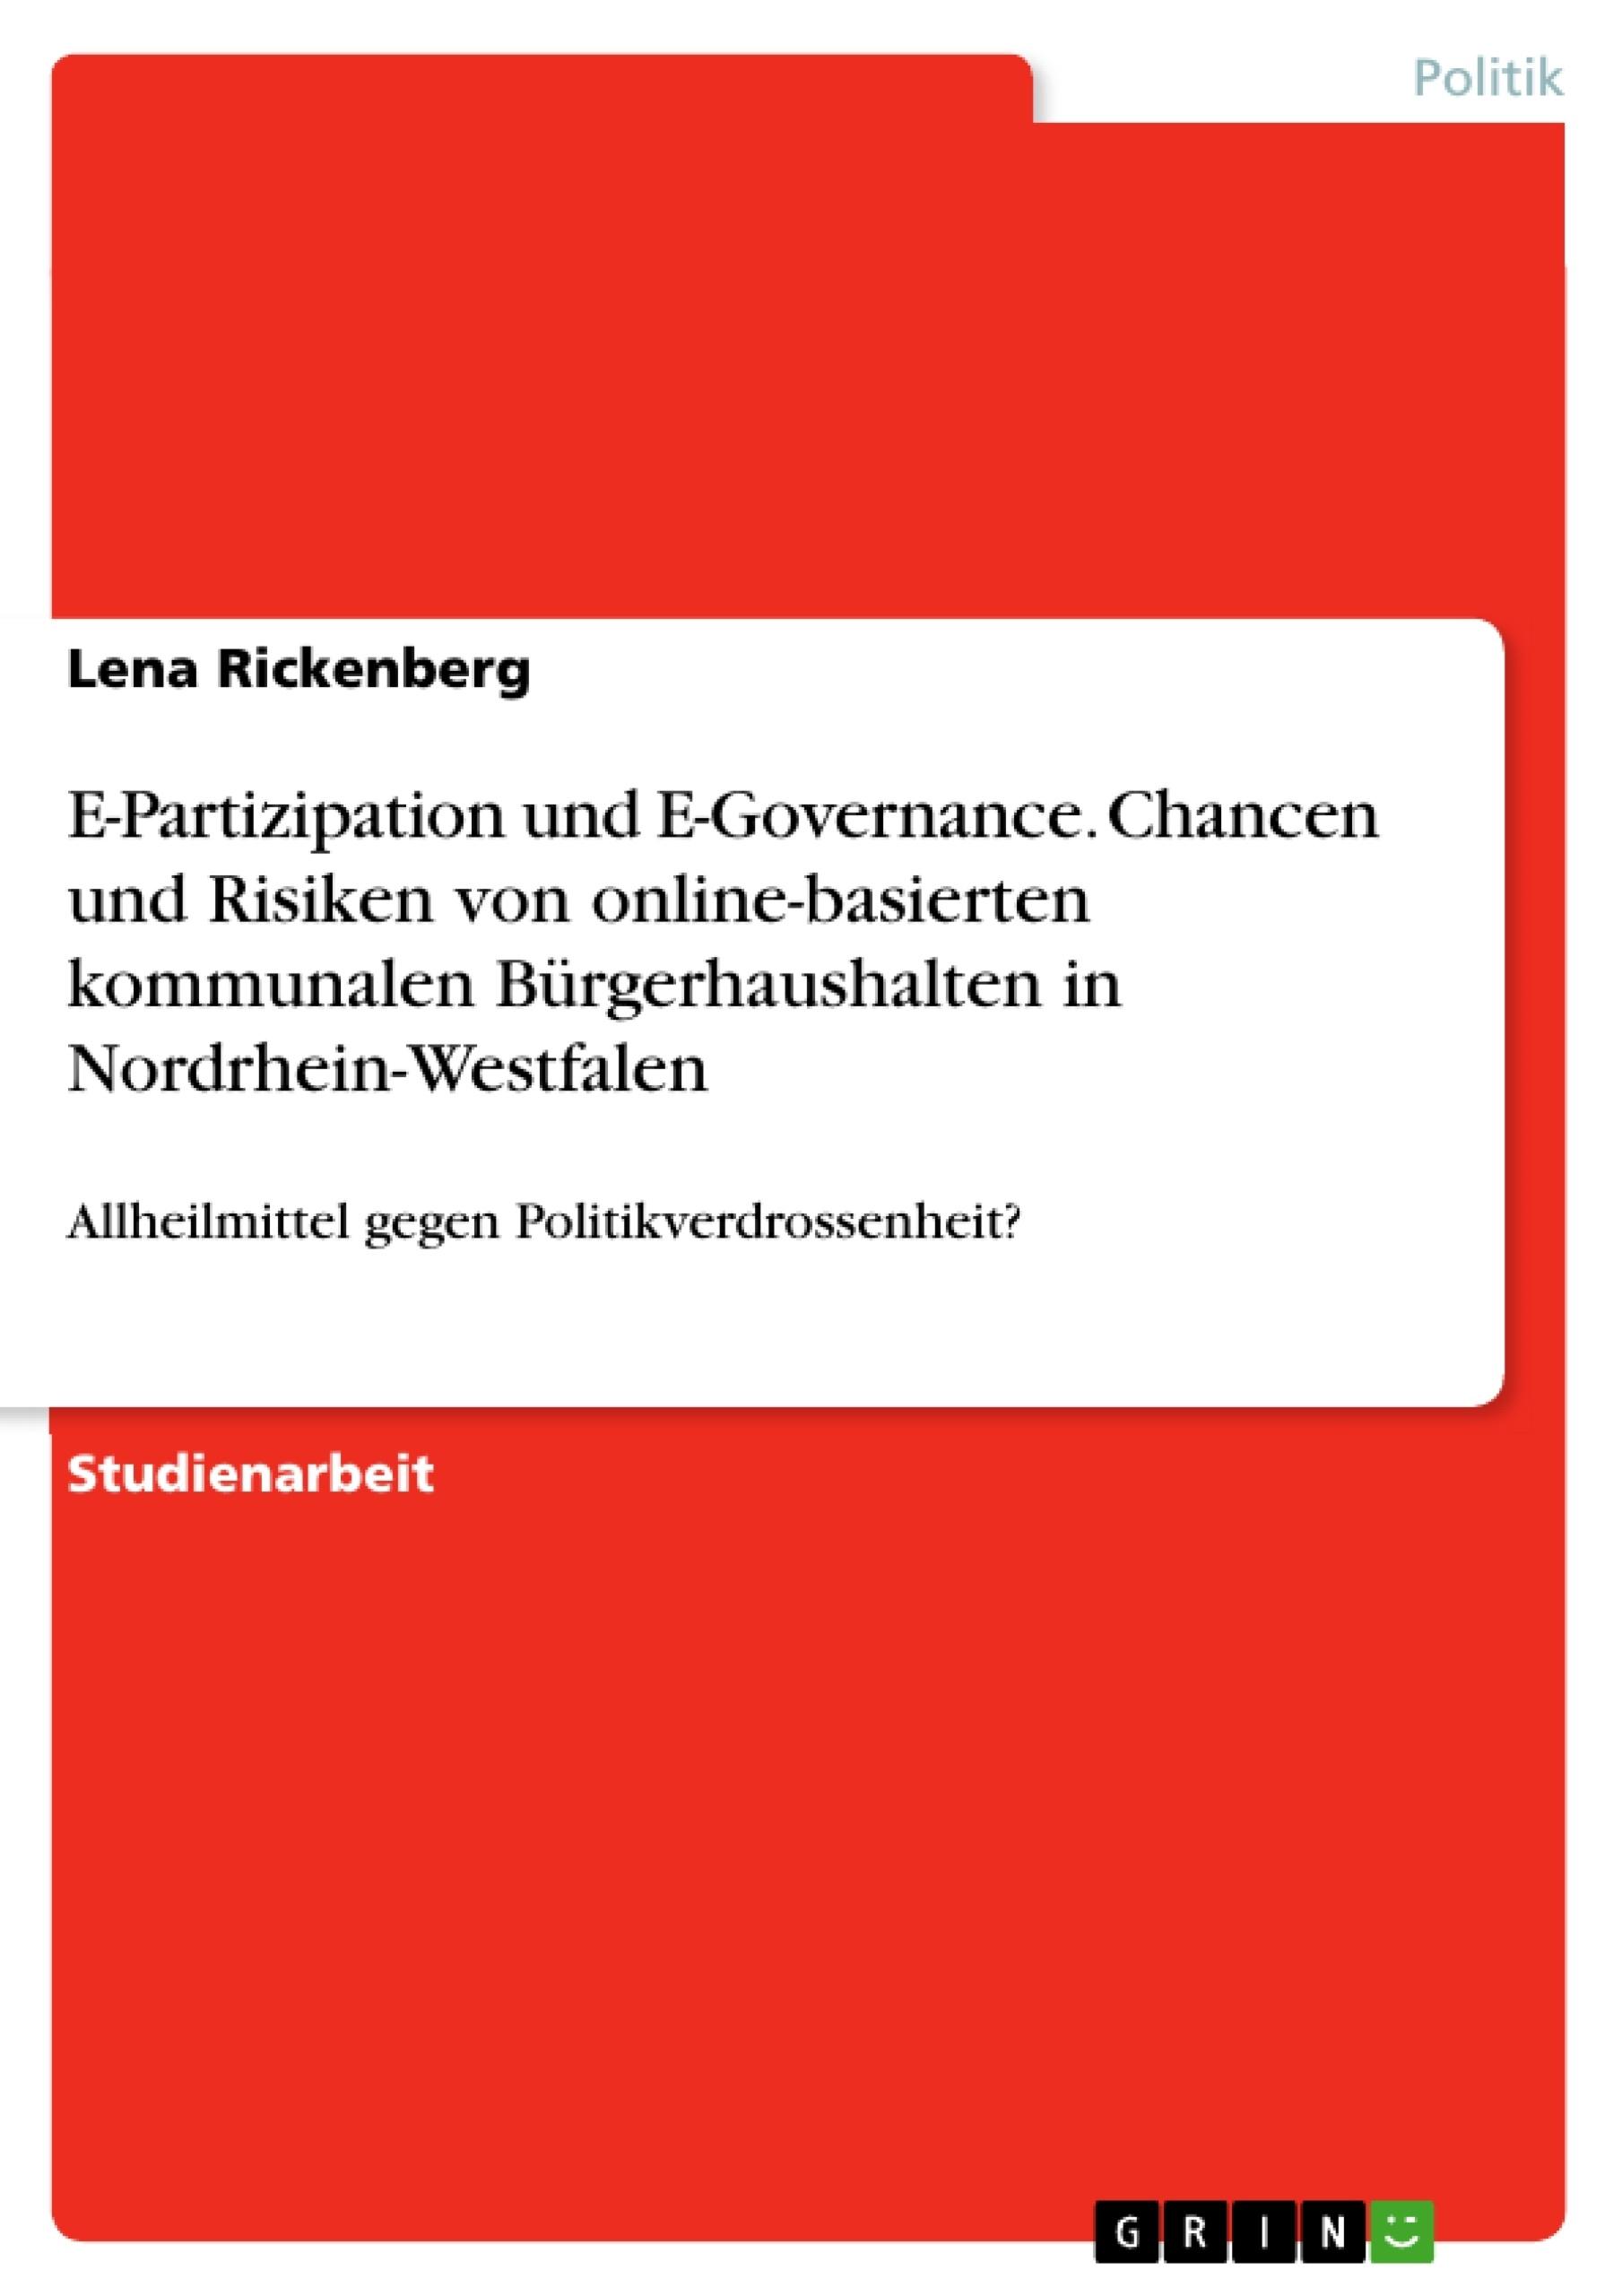 Titel: E-Partizipation und E-Governance. Chancen und Risiken von online-basierten kommunalen Bürgerhaushalten in Nordrhein-Westfalen